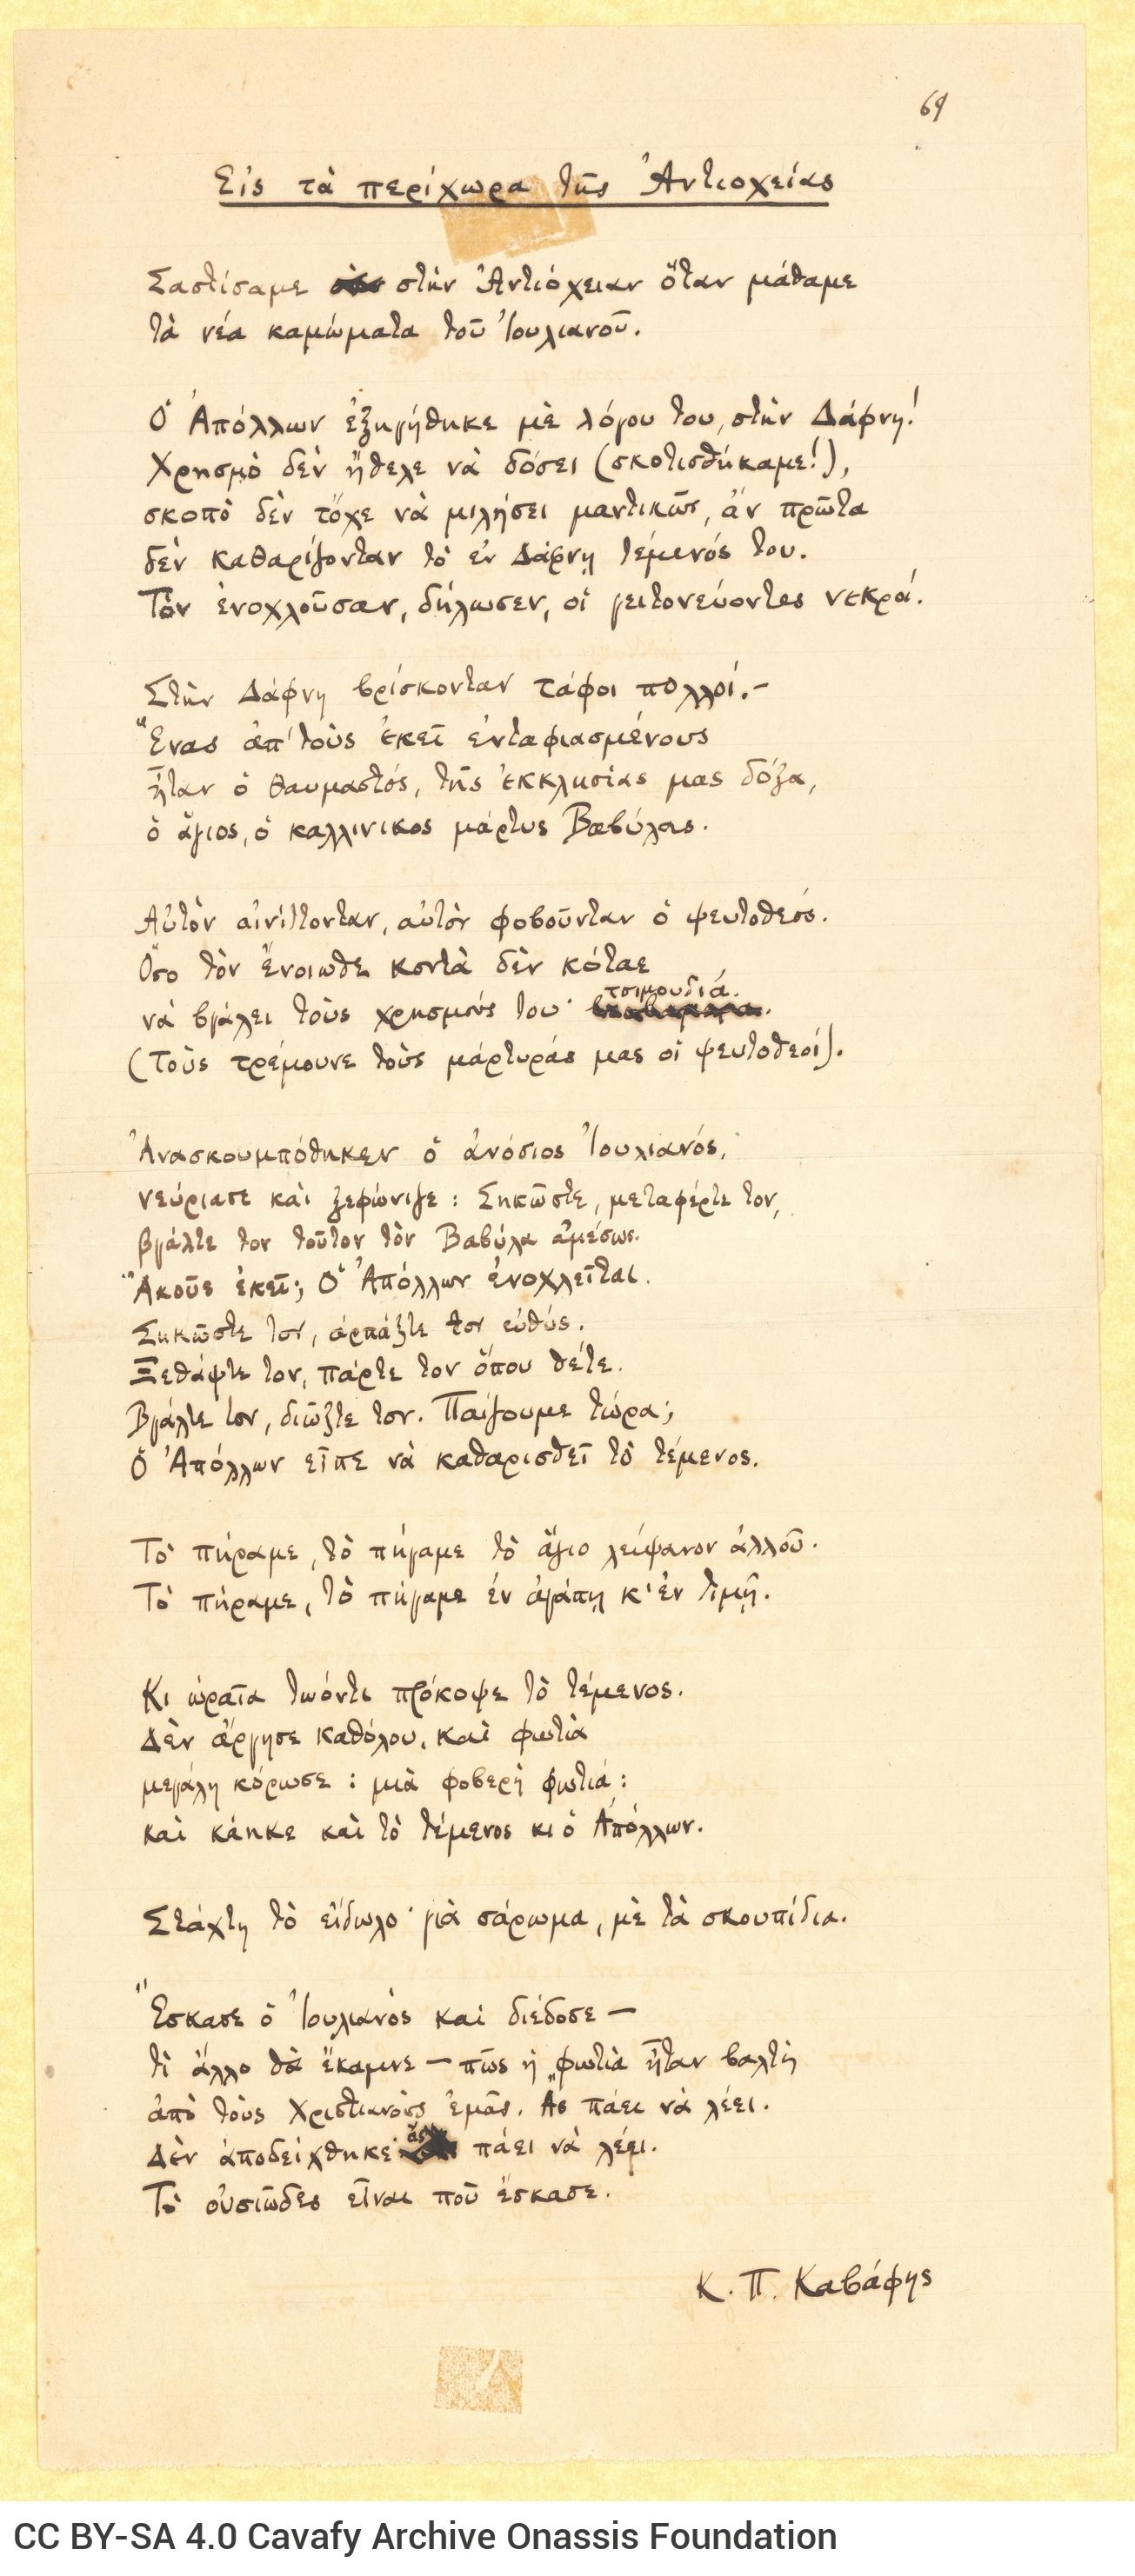 Χειρόγραφο του ποιήματος «Εις τα περίχωρα της Αντιοχείας» στη μία